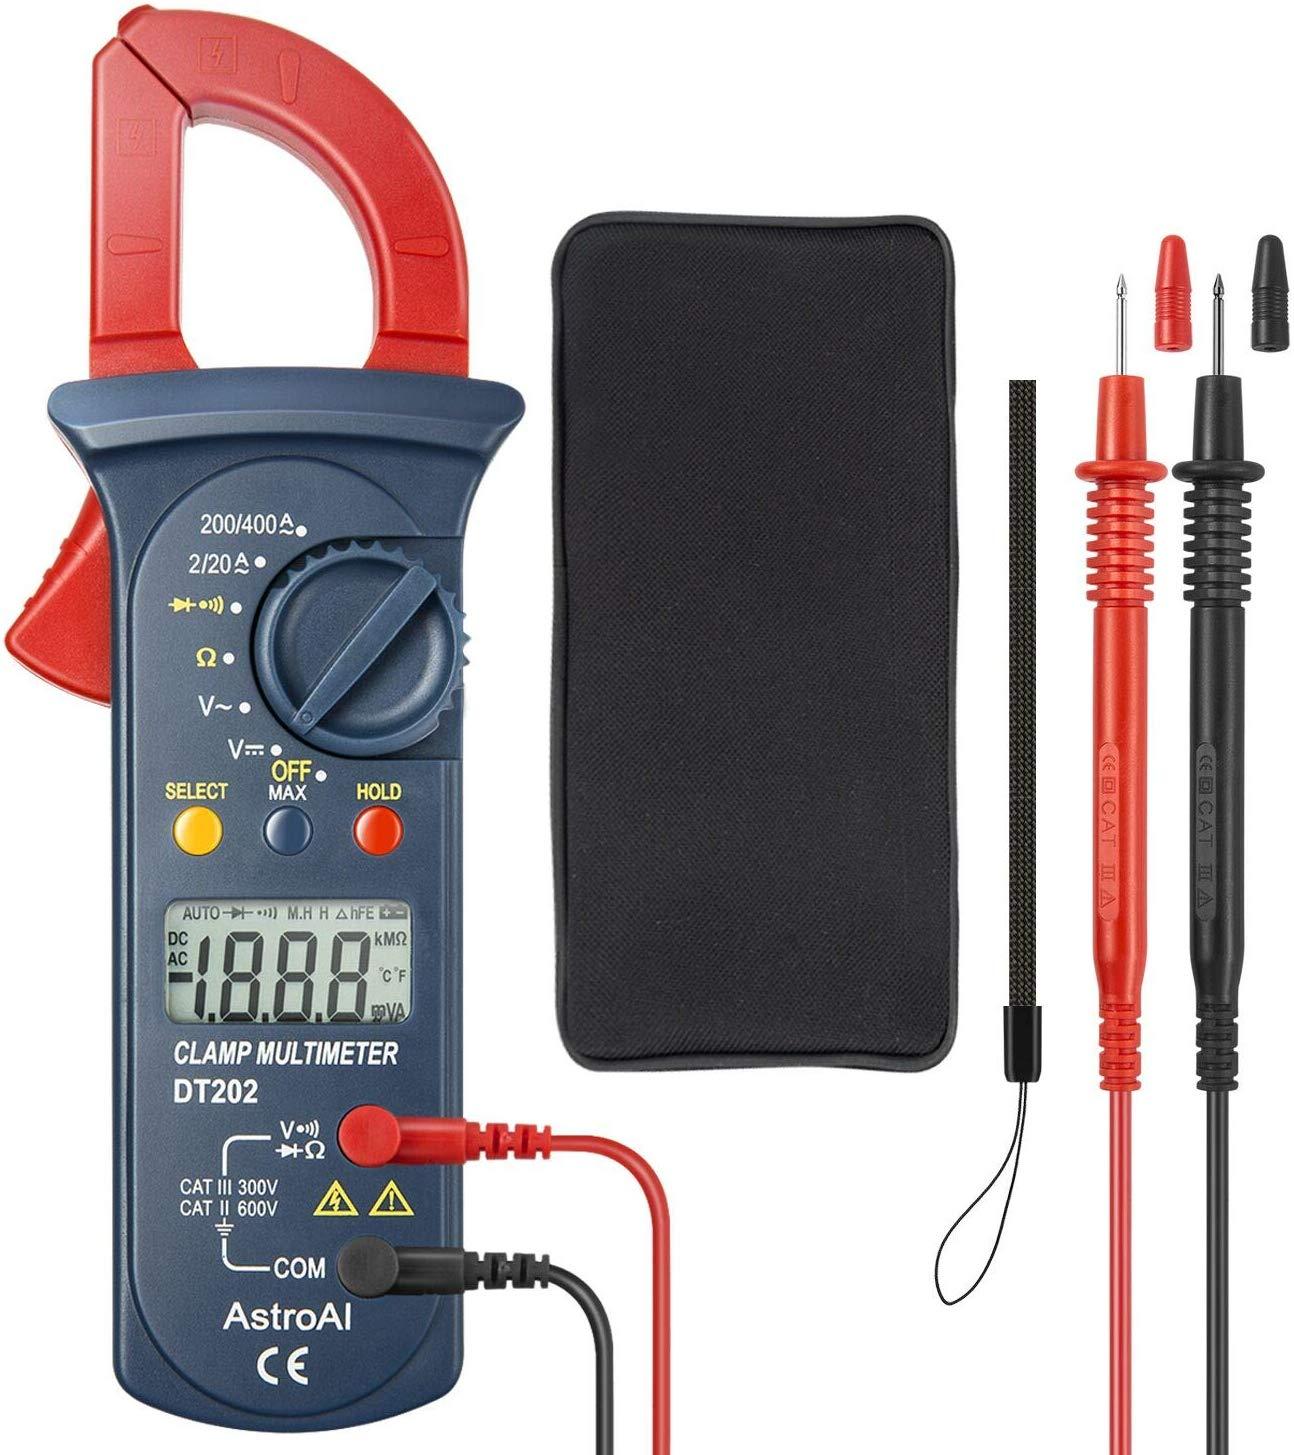 AstroAI Pince Ampèremétrique Numérique, Multimètre de Mesure Automatique et Voltmètre; Mesure Testeur de Tension, Courant